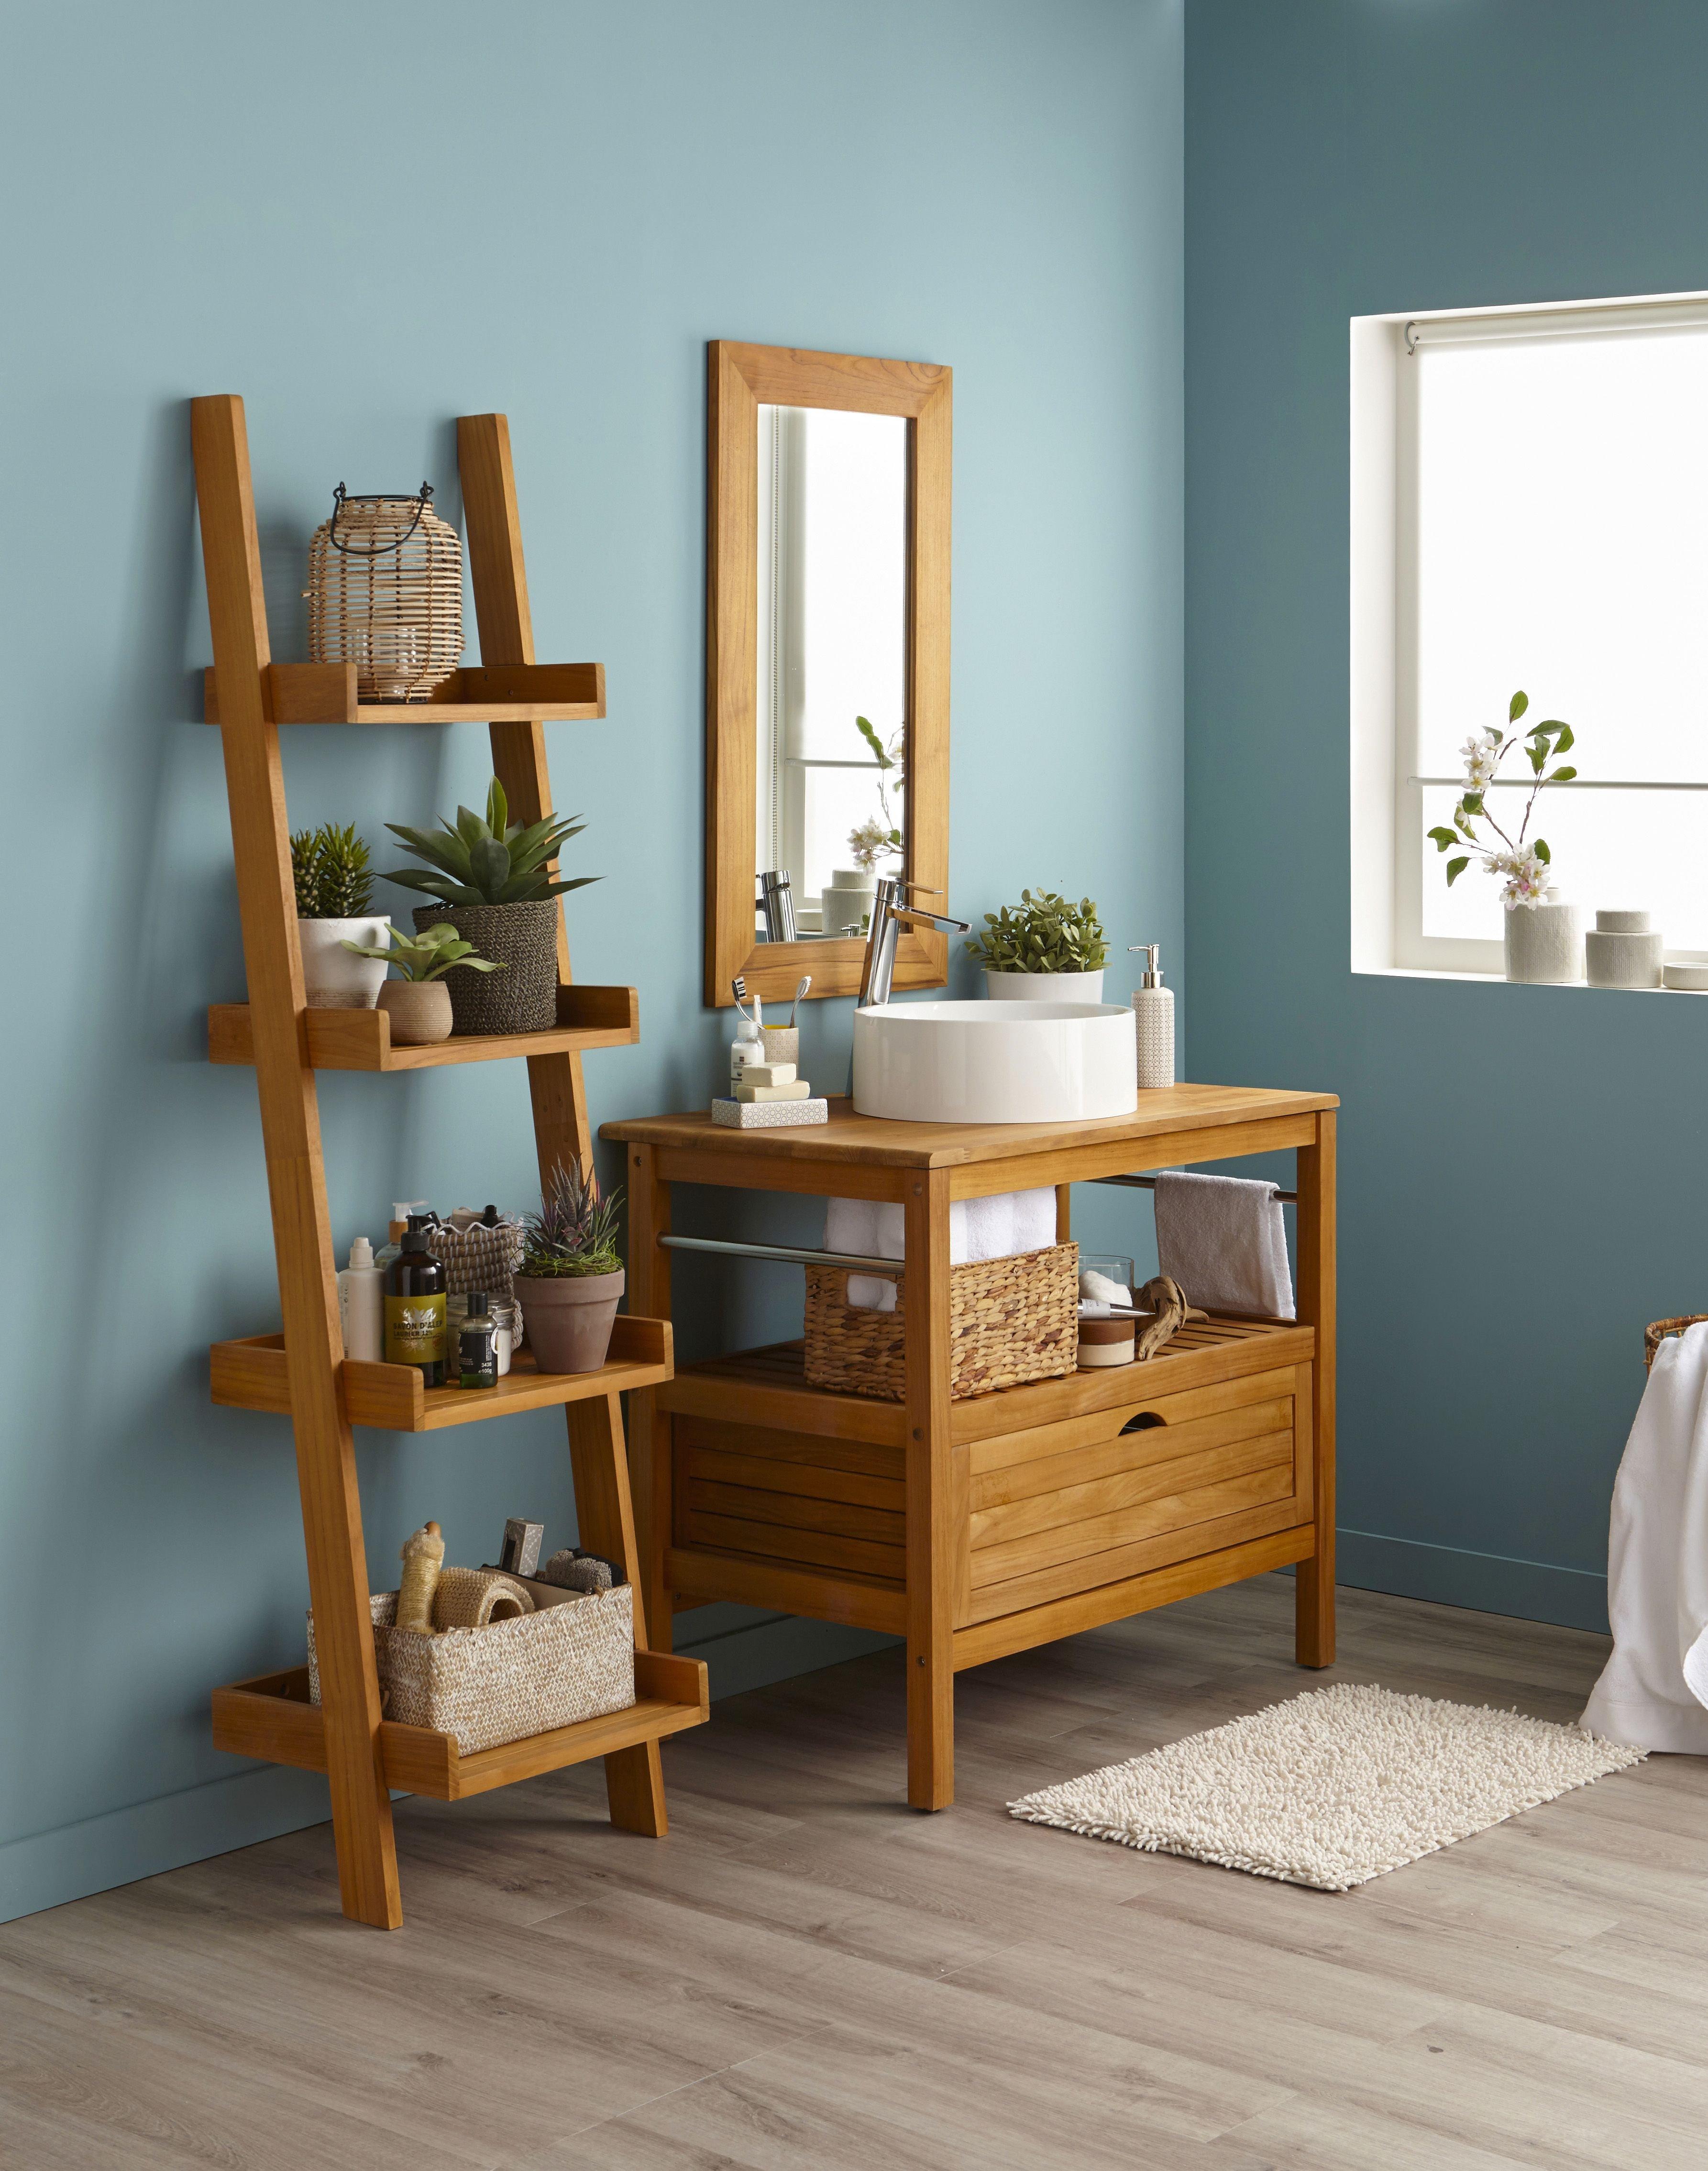 Leroy Merlin Armoire Salle De Bain Impressionnant Images √ 26 Magnifique Stock De Meuble toilette Leroy Merlin Décoration